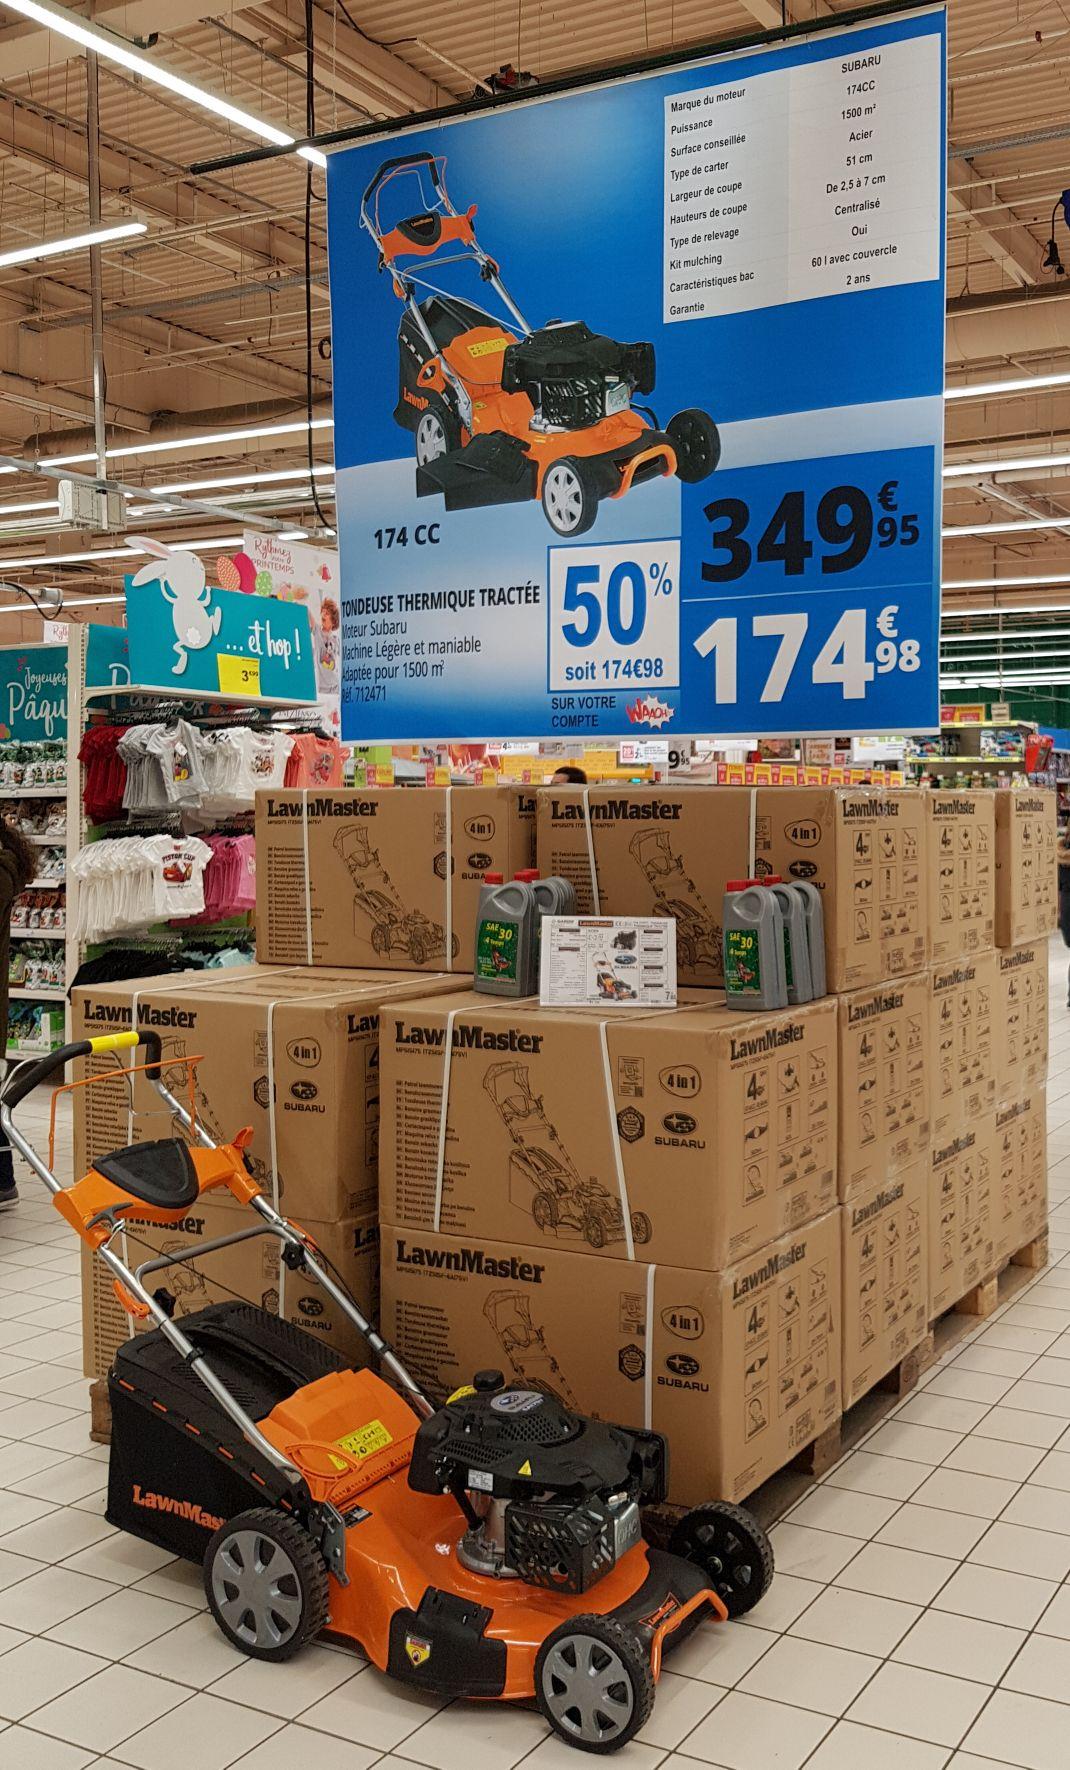 Tondeuse thermique tractée Subaru (via 174.98€ fidélité) - Auchan villars (42)